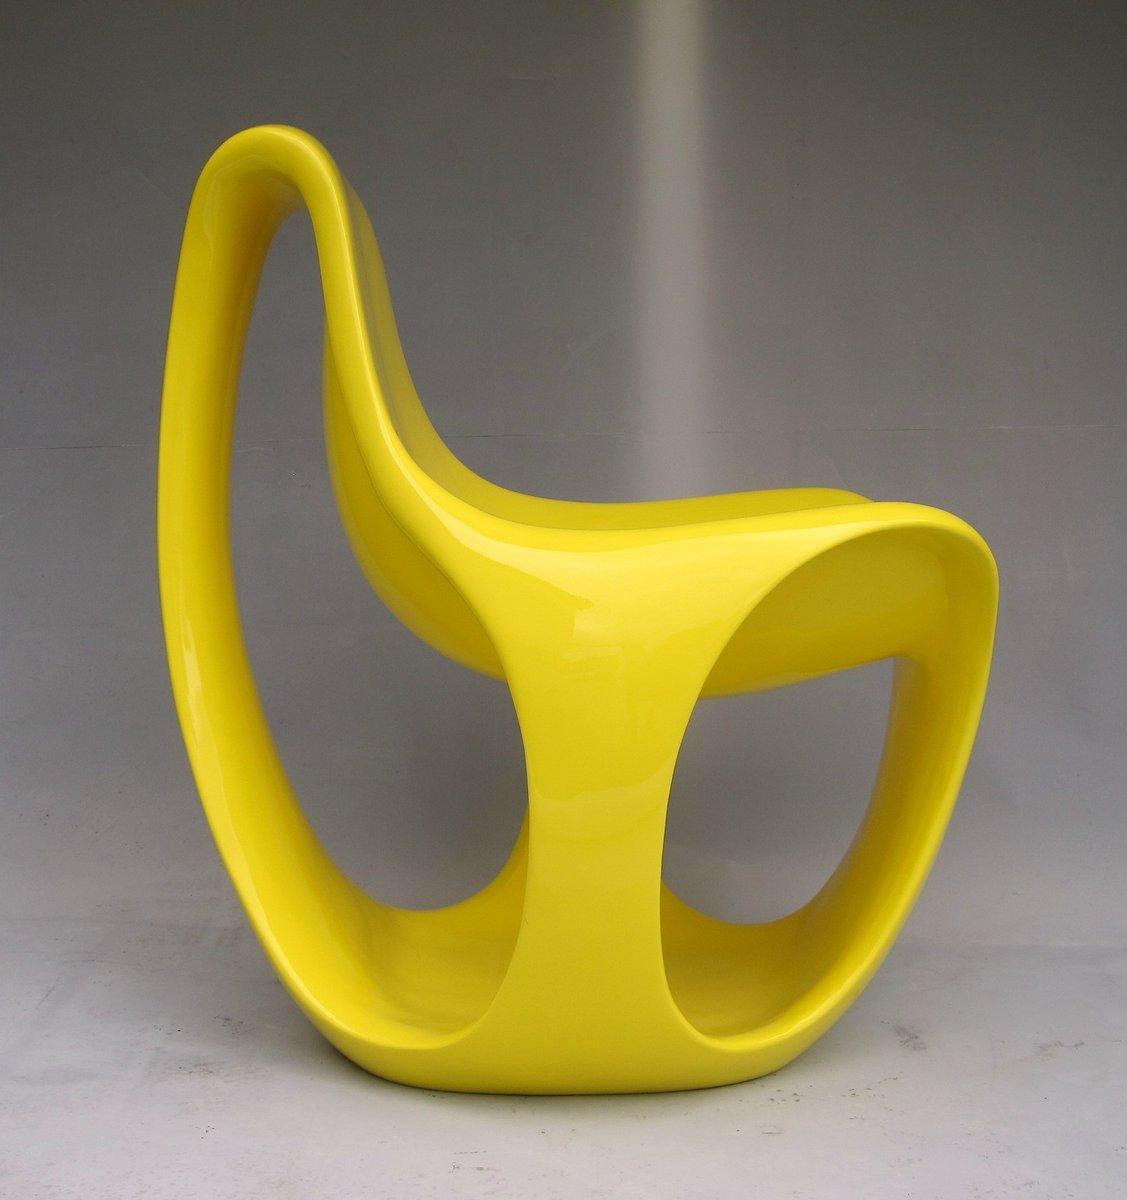 schweizer gelb lackierter fiberglas stuhl 1970er bei pamono kaufen. Black Bedroom Furniture Sets. Home Design Ideas